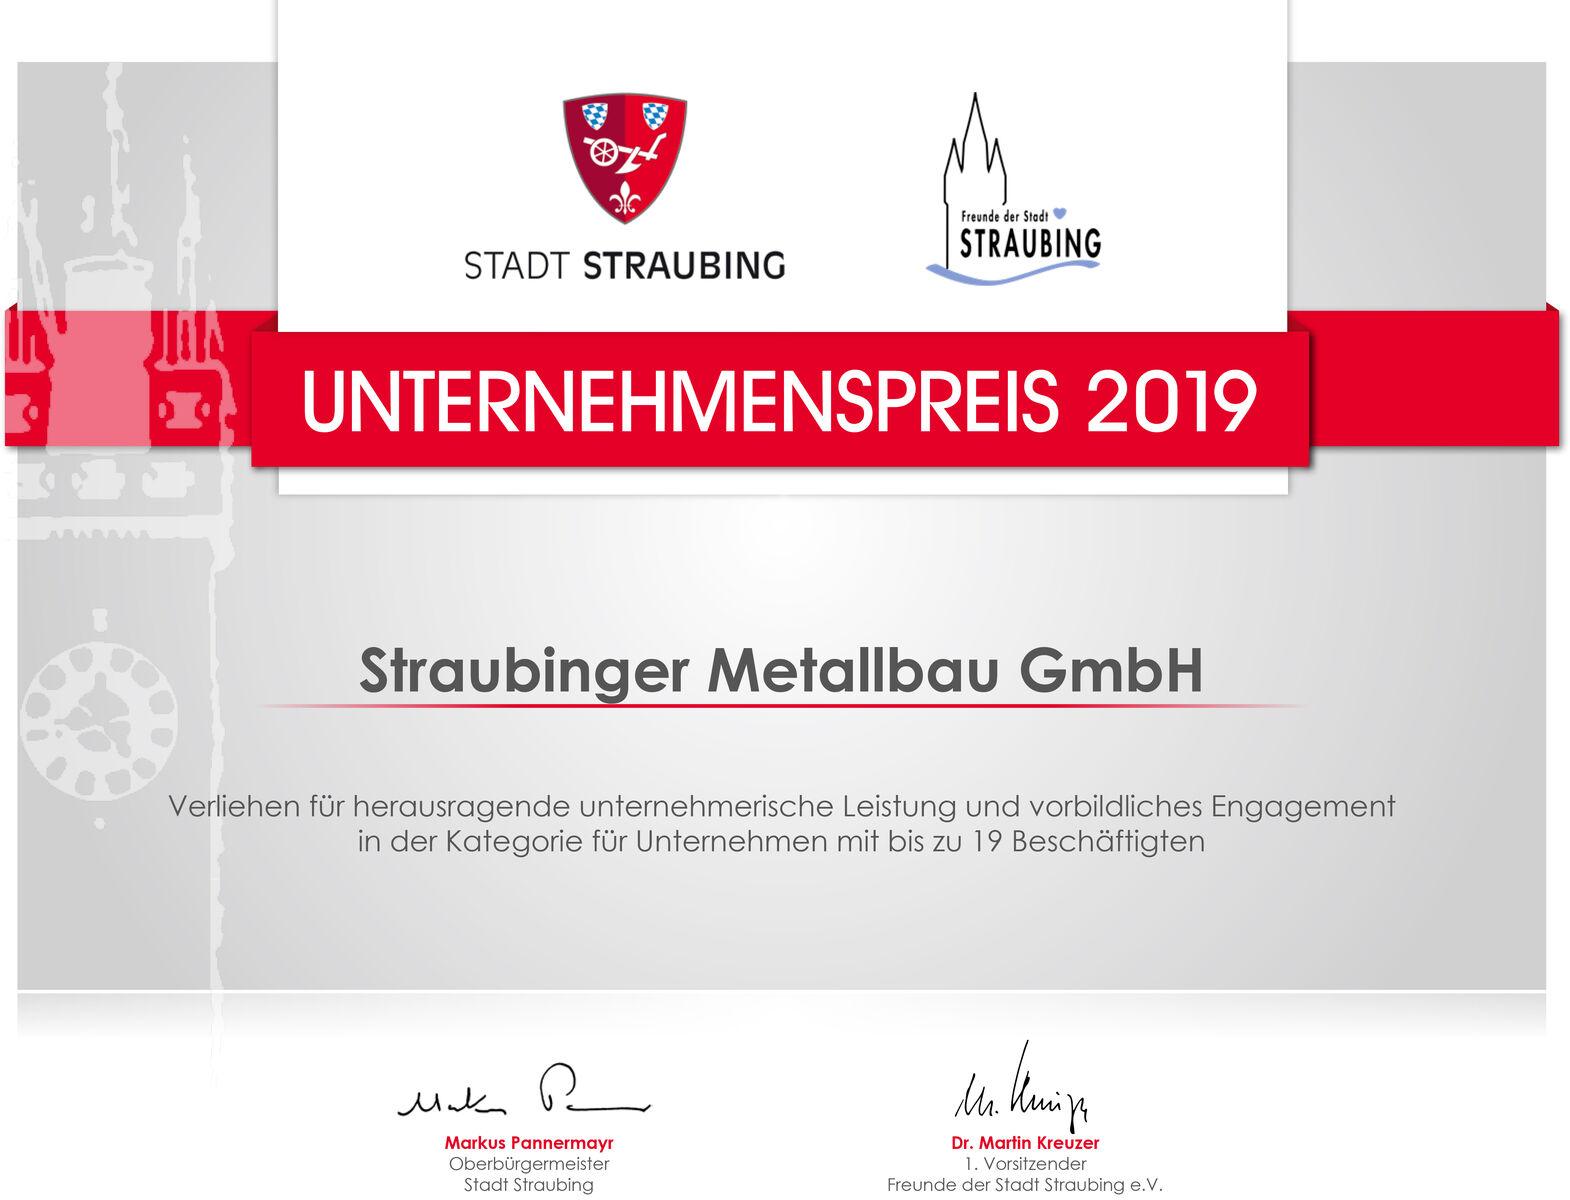 urkunde_straubinger_metallbau